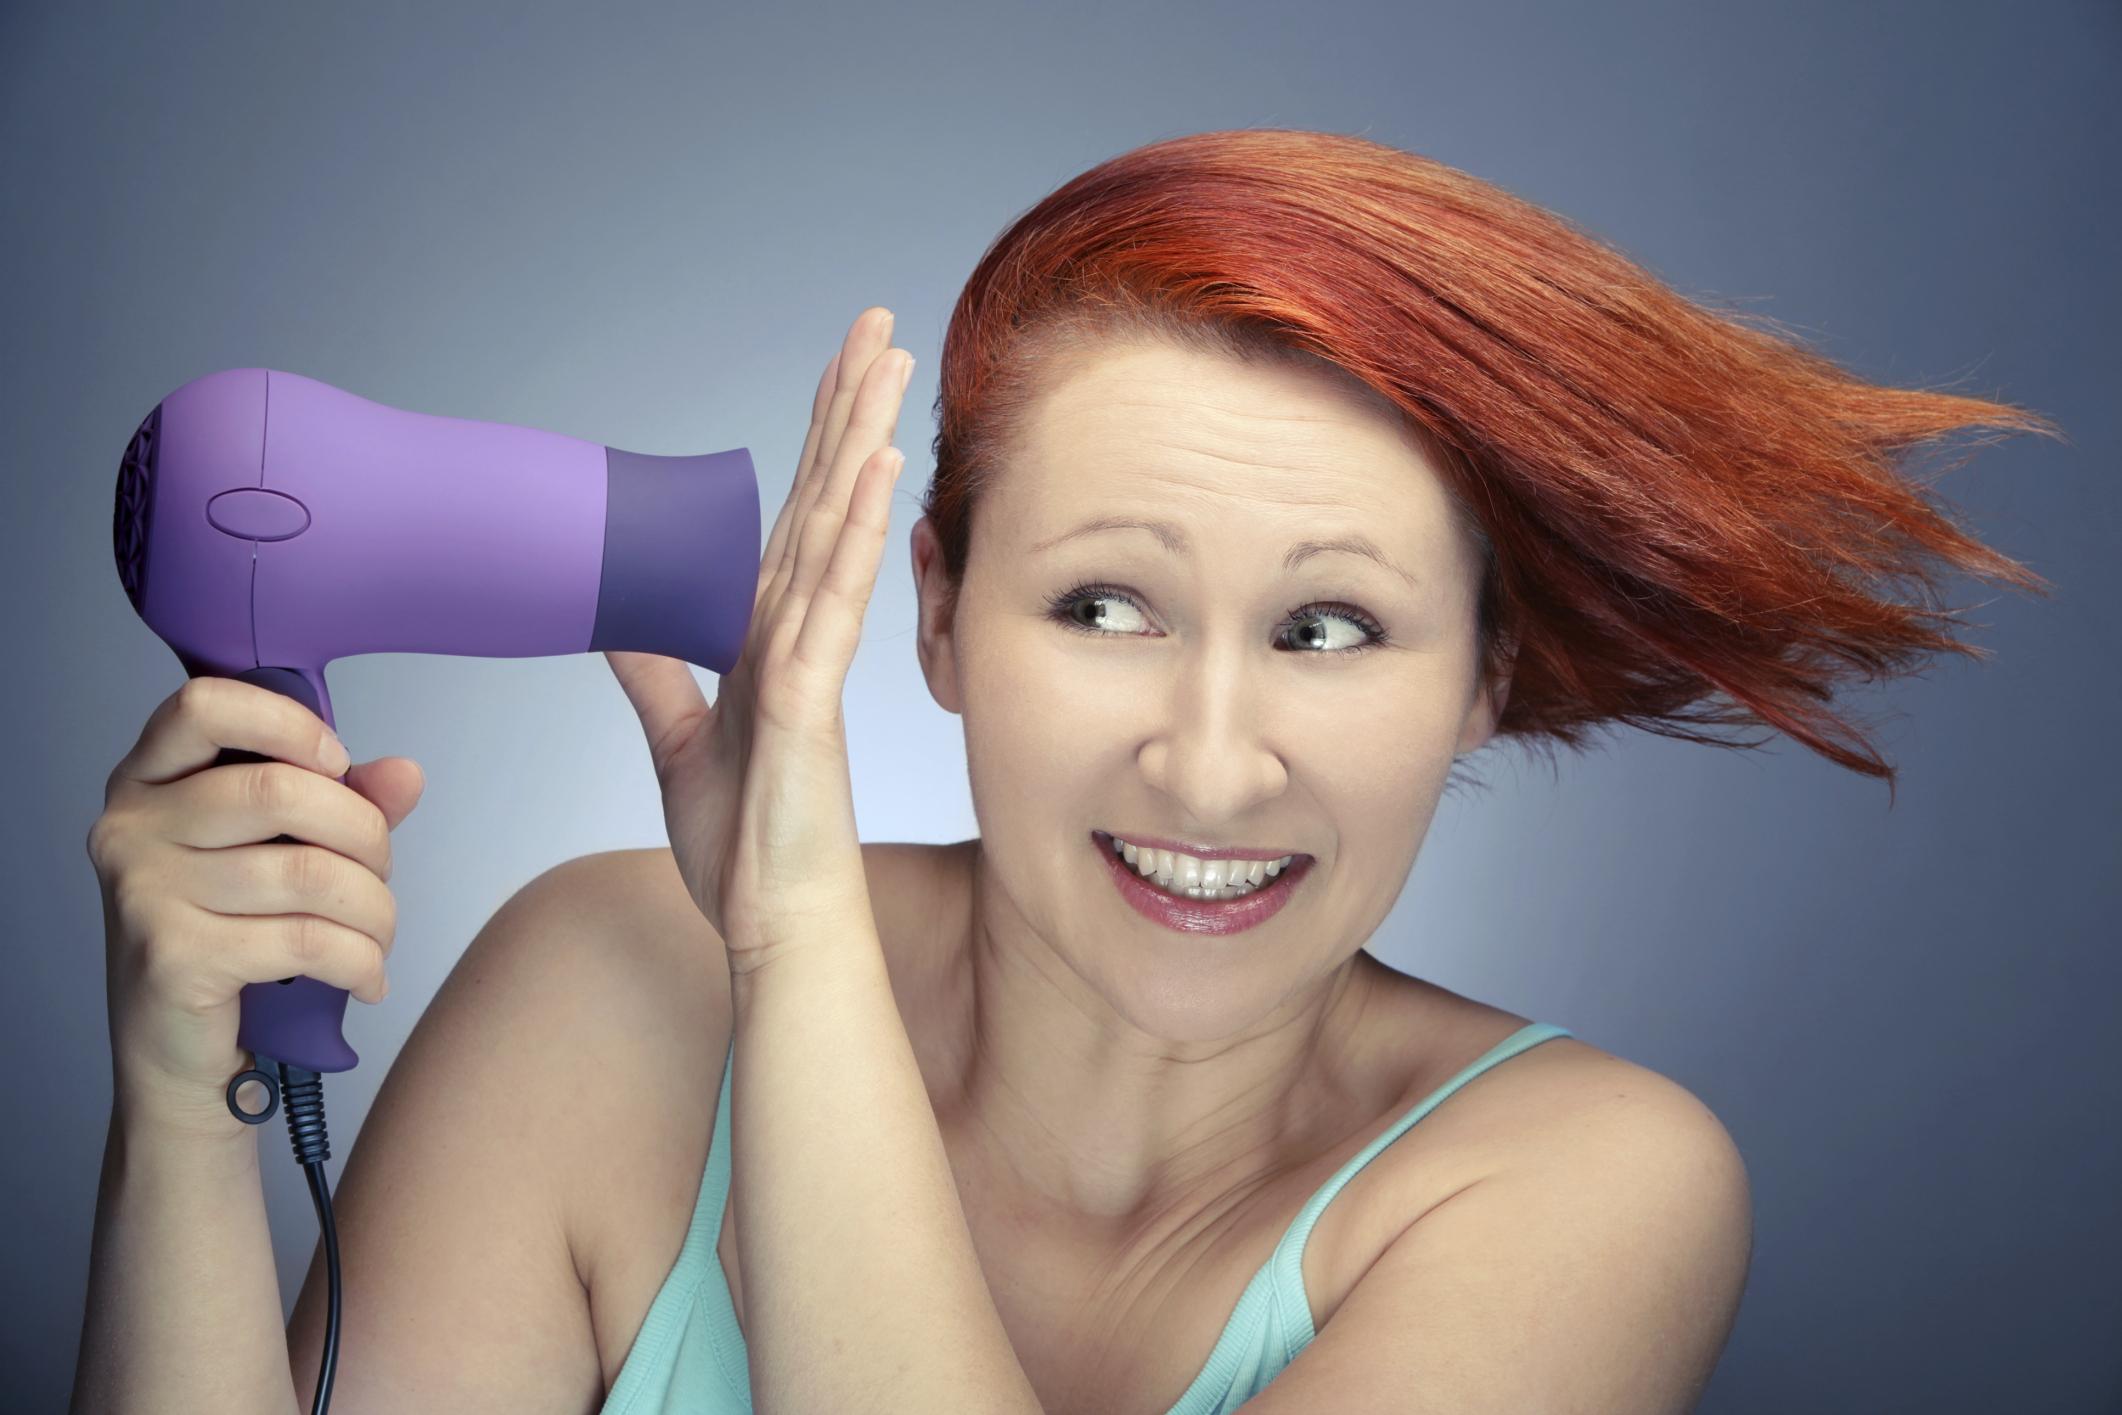 Фен для укладки волос: основные виды и функциональные возможности